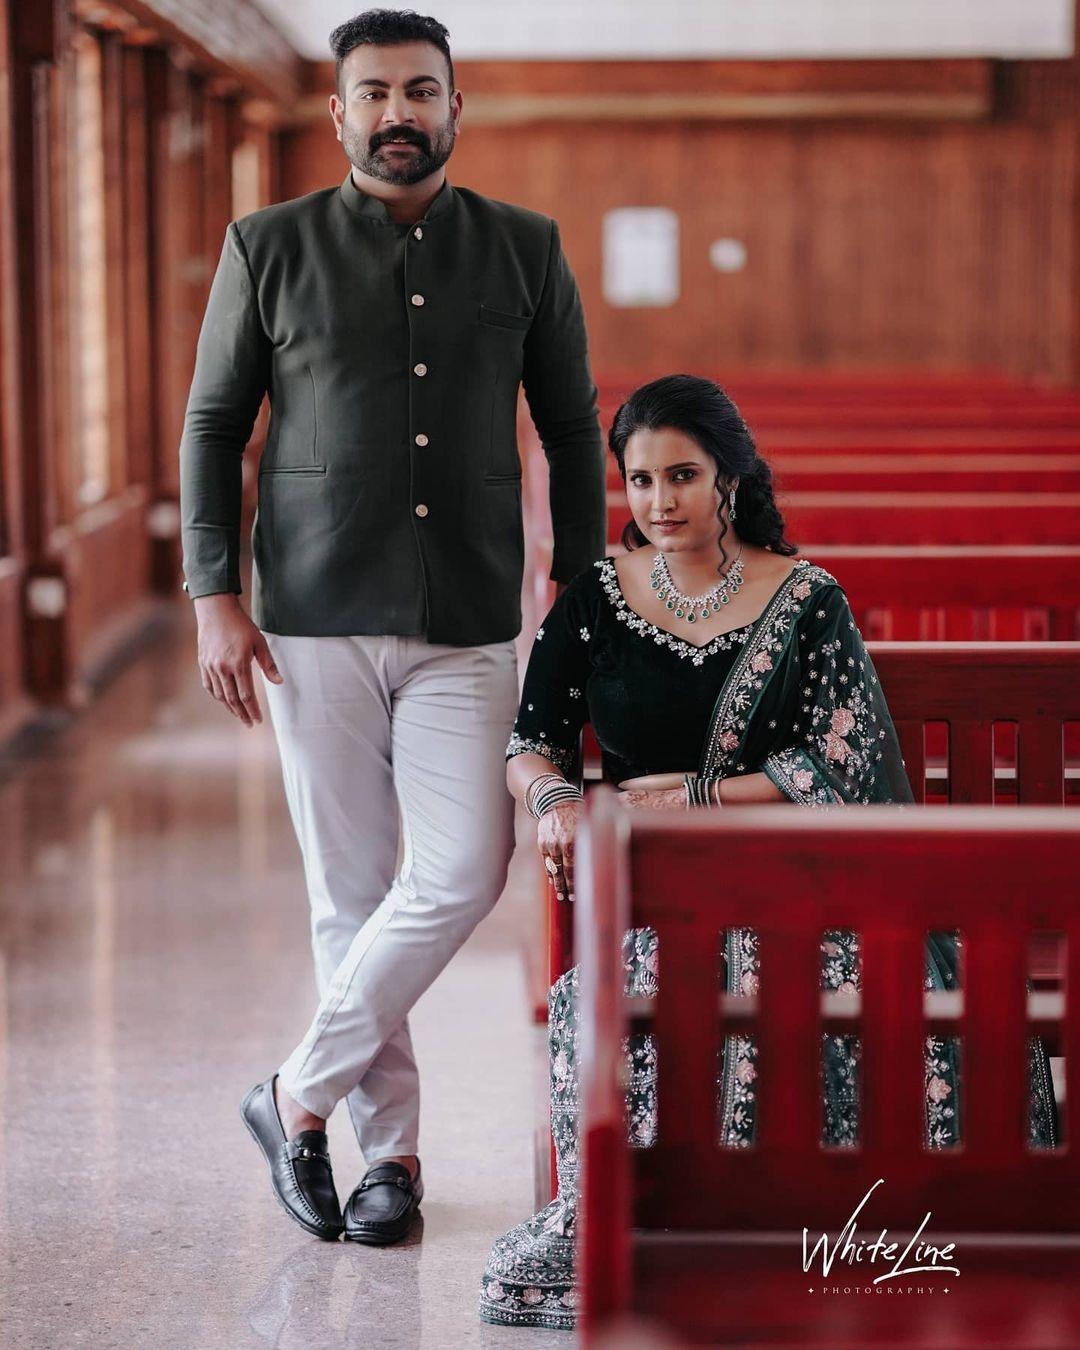 roshna actress engagement